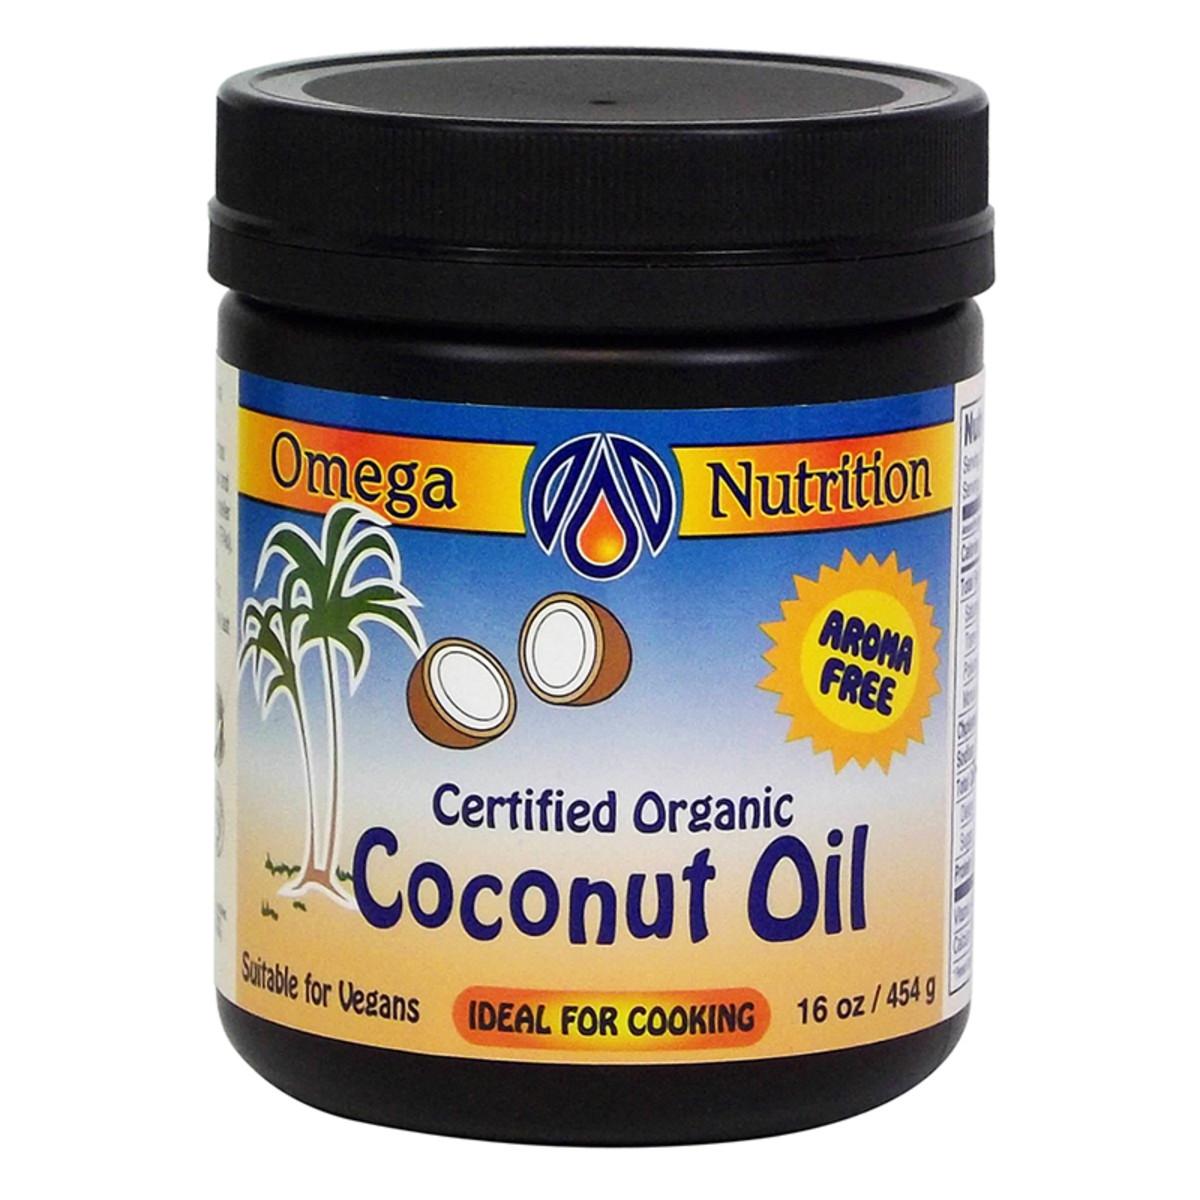 Omega coconut oil